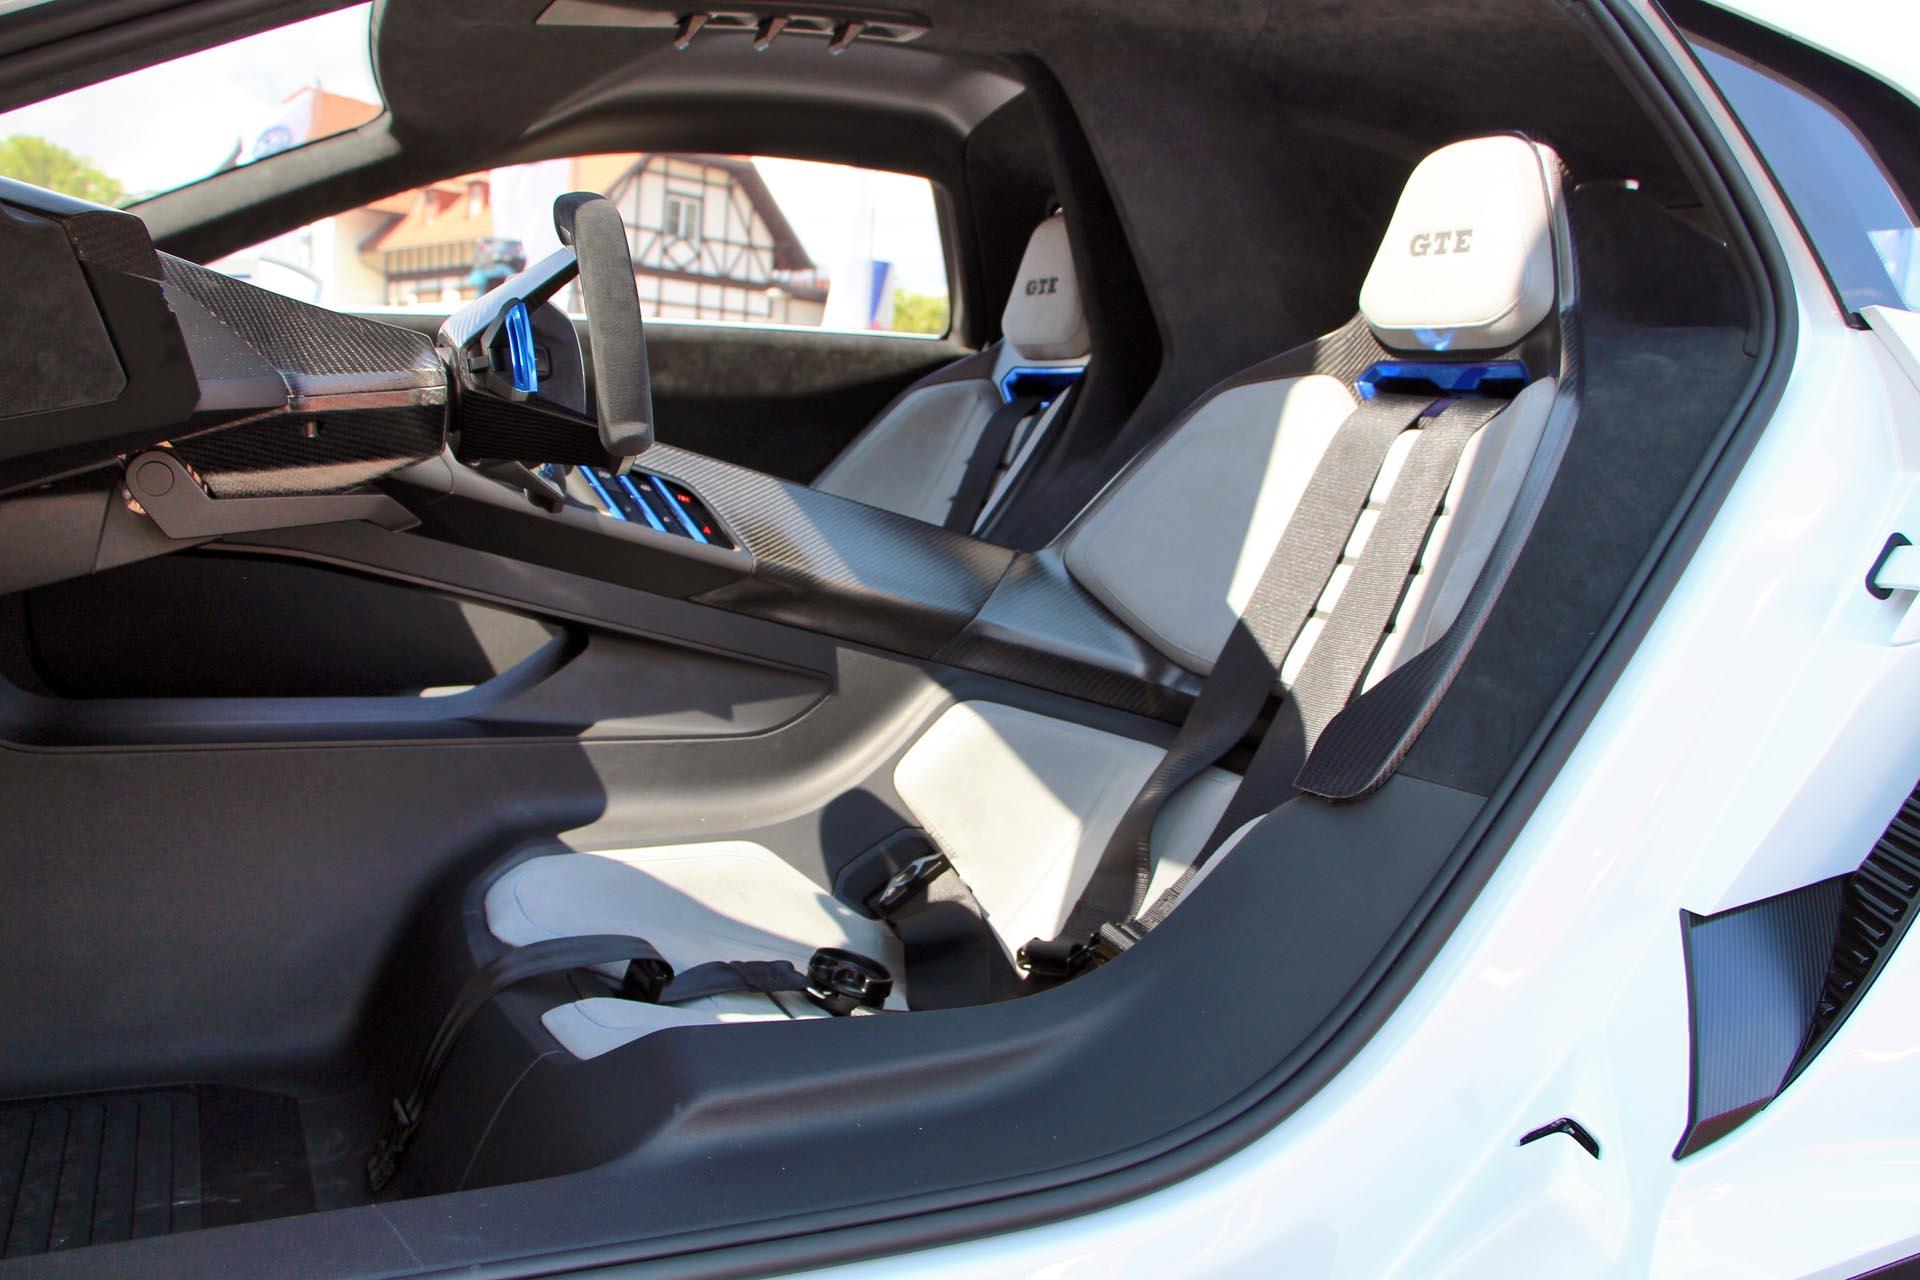 Volkswagen Golf Gte Sport Concept Autos Ca